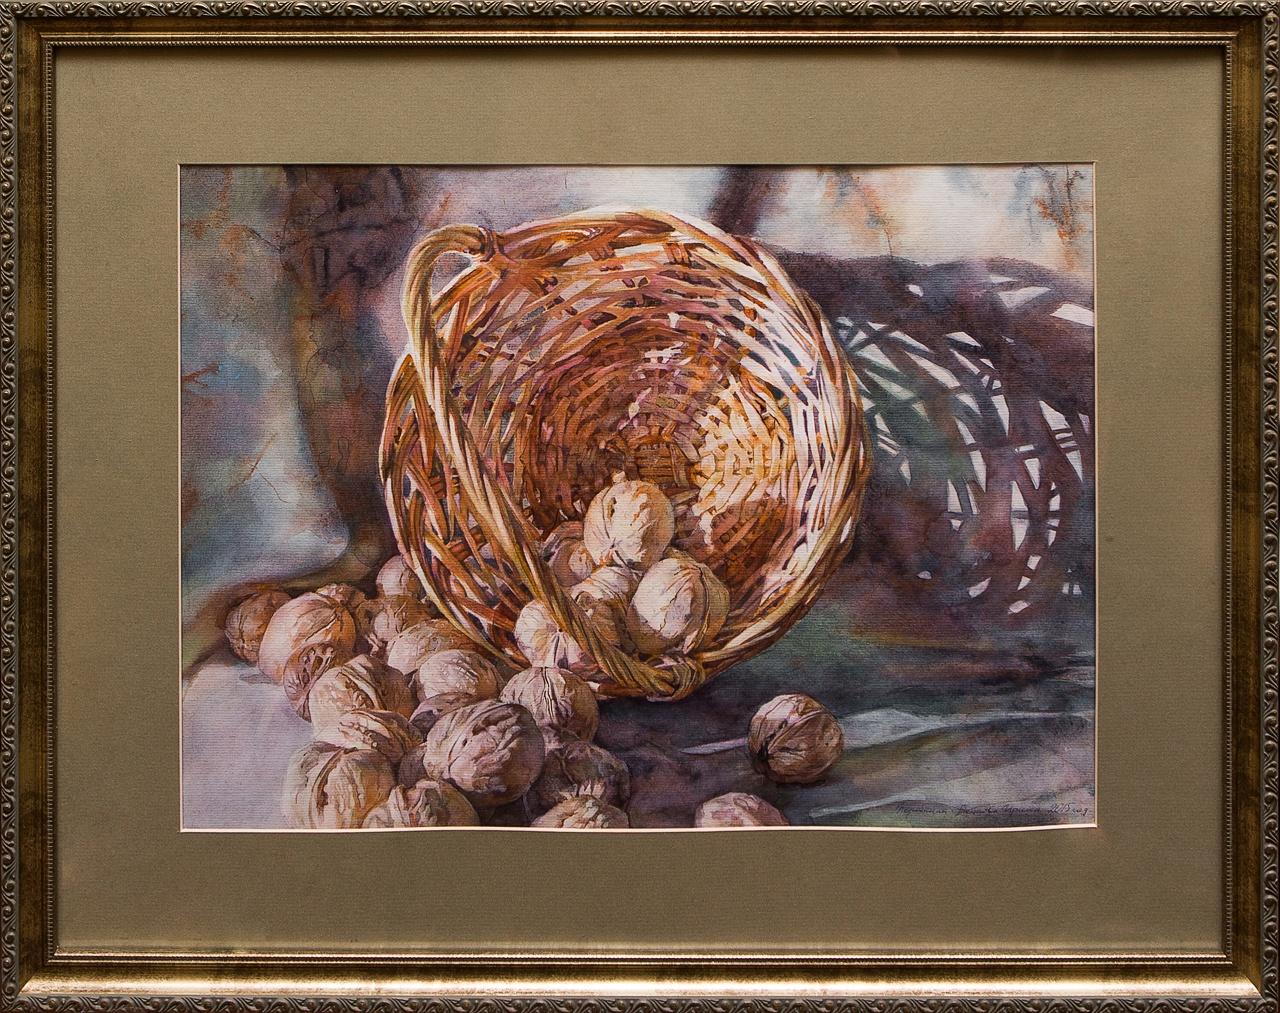 Фото - Картина акварель Корзина с орехами Коробкина коробкина т ред ярославль